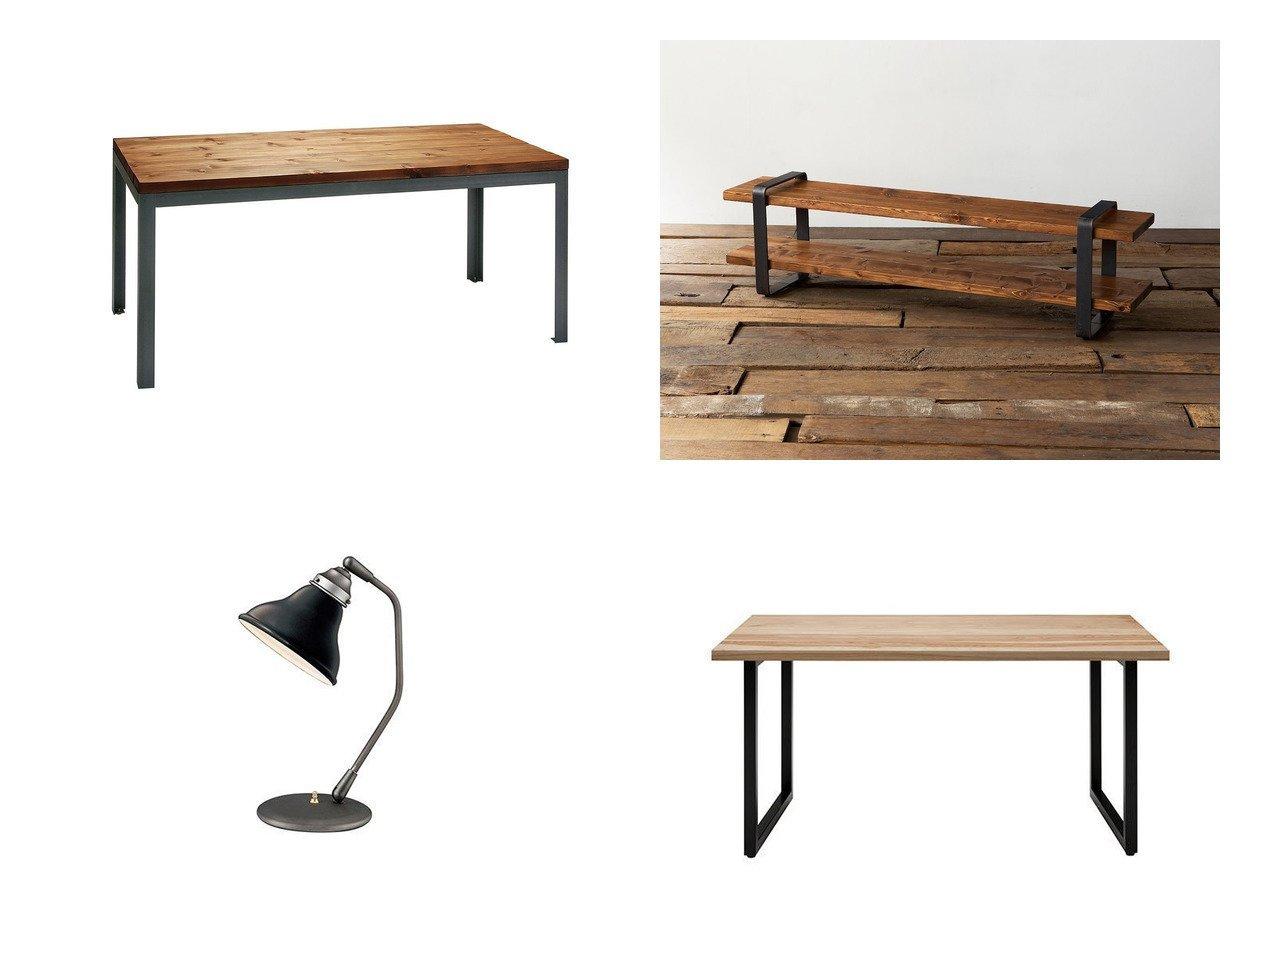 【FLYMEe Factory / GOODS/フライミー ファクトリー】のCUSTOM SERIES Classic Desk Lamp × カスタムシリーズ クラシックデスクランプ × ミニエナメル(フレアー)&ダイニングテーブル 幅150cm f58101(ホワイトアッシュ天板)&【ACME Furniture / GOODS/アクメファニチャー 】のベルズファクトリー テレビボード&【SWITCH / GOODS/スウィッチ】のファクトリーテーブル(レッドシダー) 【INTERIOR】おすすめ!人 おすすめで人気の流行・トレンド、ファッションの通販商品 メンズファッション・キッズファッション・インテリア・家具・レディースファッション・服の通販 founy(ファニー) https://founy.com/ オイル テーブル モダン エナメル ガラス クラシック デスク フレーム ミックス シンプル ヴィンテージ ホームグッズ Home/Garden 家具・インテリア Furniture テーブル Table ダイニングテーブル ホームグッズ Home/Garden 家具・インテリア Furniture ライト・照明 Lighting & Light Fixtures デスクライト・テーブルライト ホームグッズ Home/Garden 家具・インテリア Furniture テレビボード TV Stand テレビボード |ID:crp329100000025838